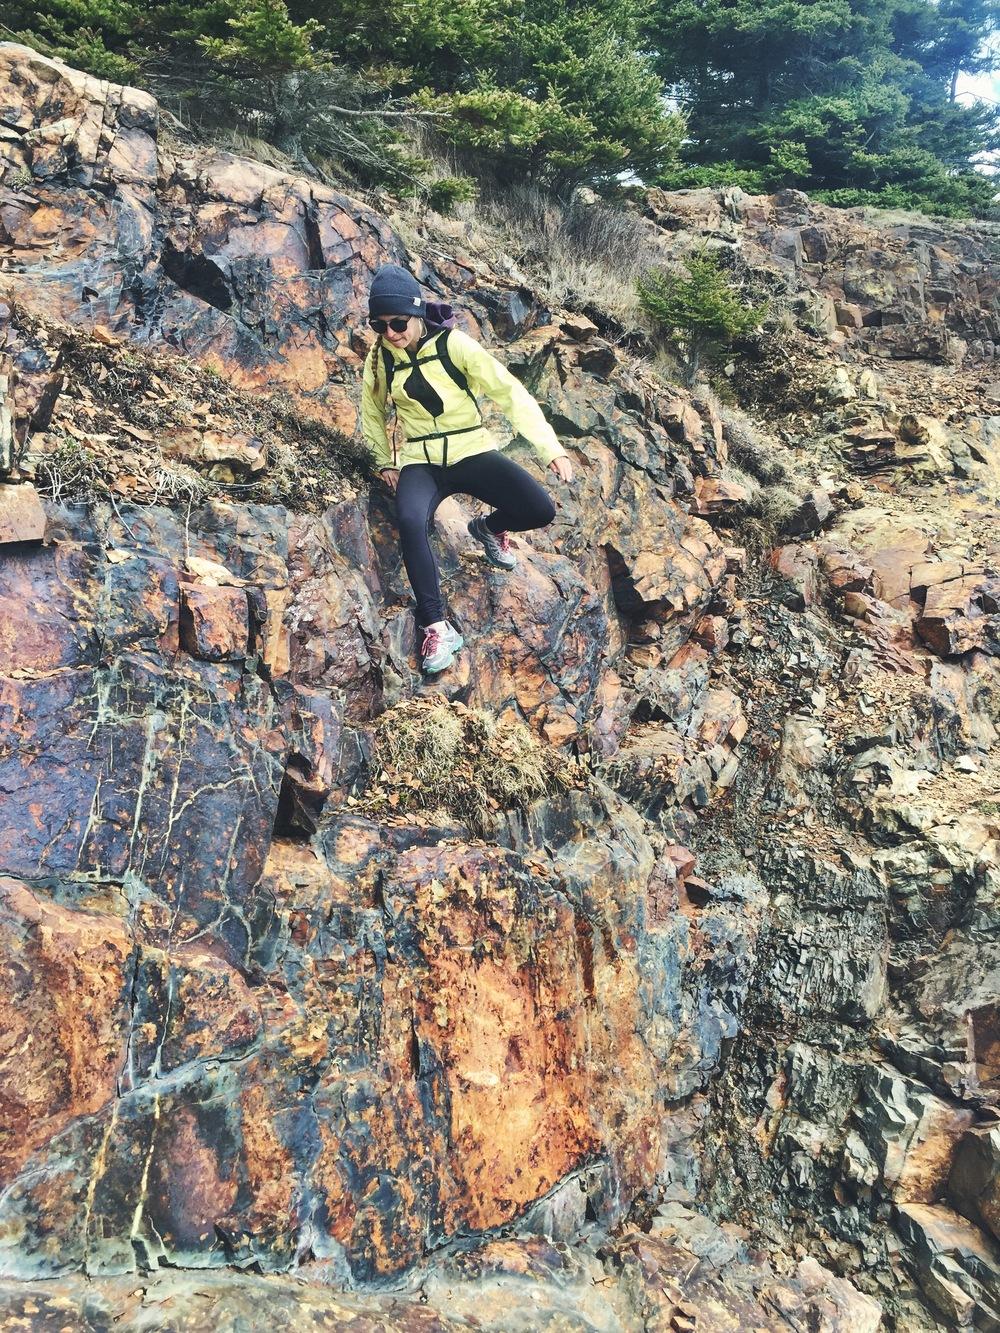 Moose descends a rock face to get closer to the crashing seas.